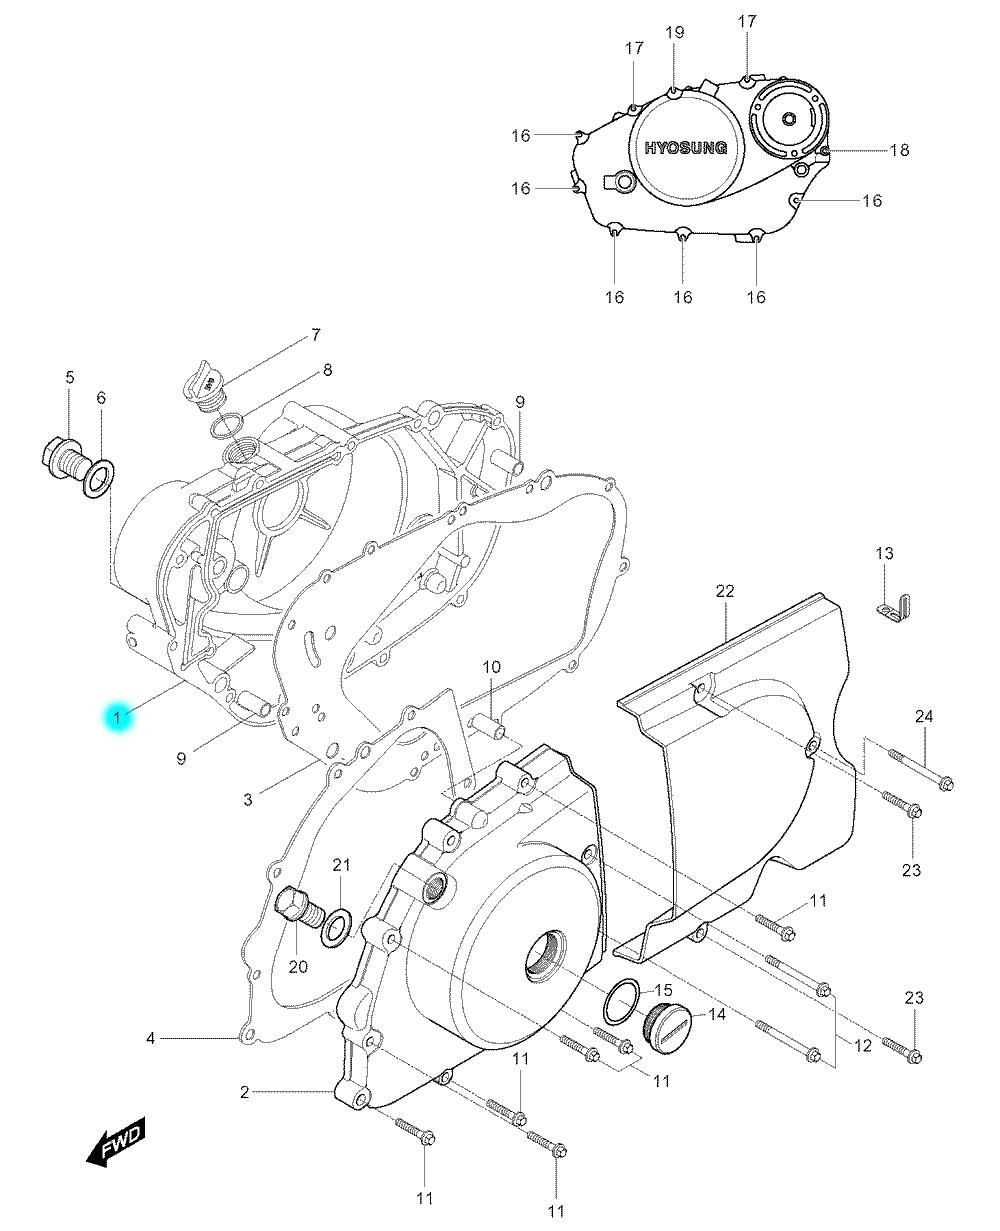 [1] Boční kryt motoru (motor - kryty skříně) - Hyosung GV 250